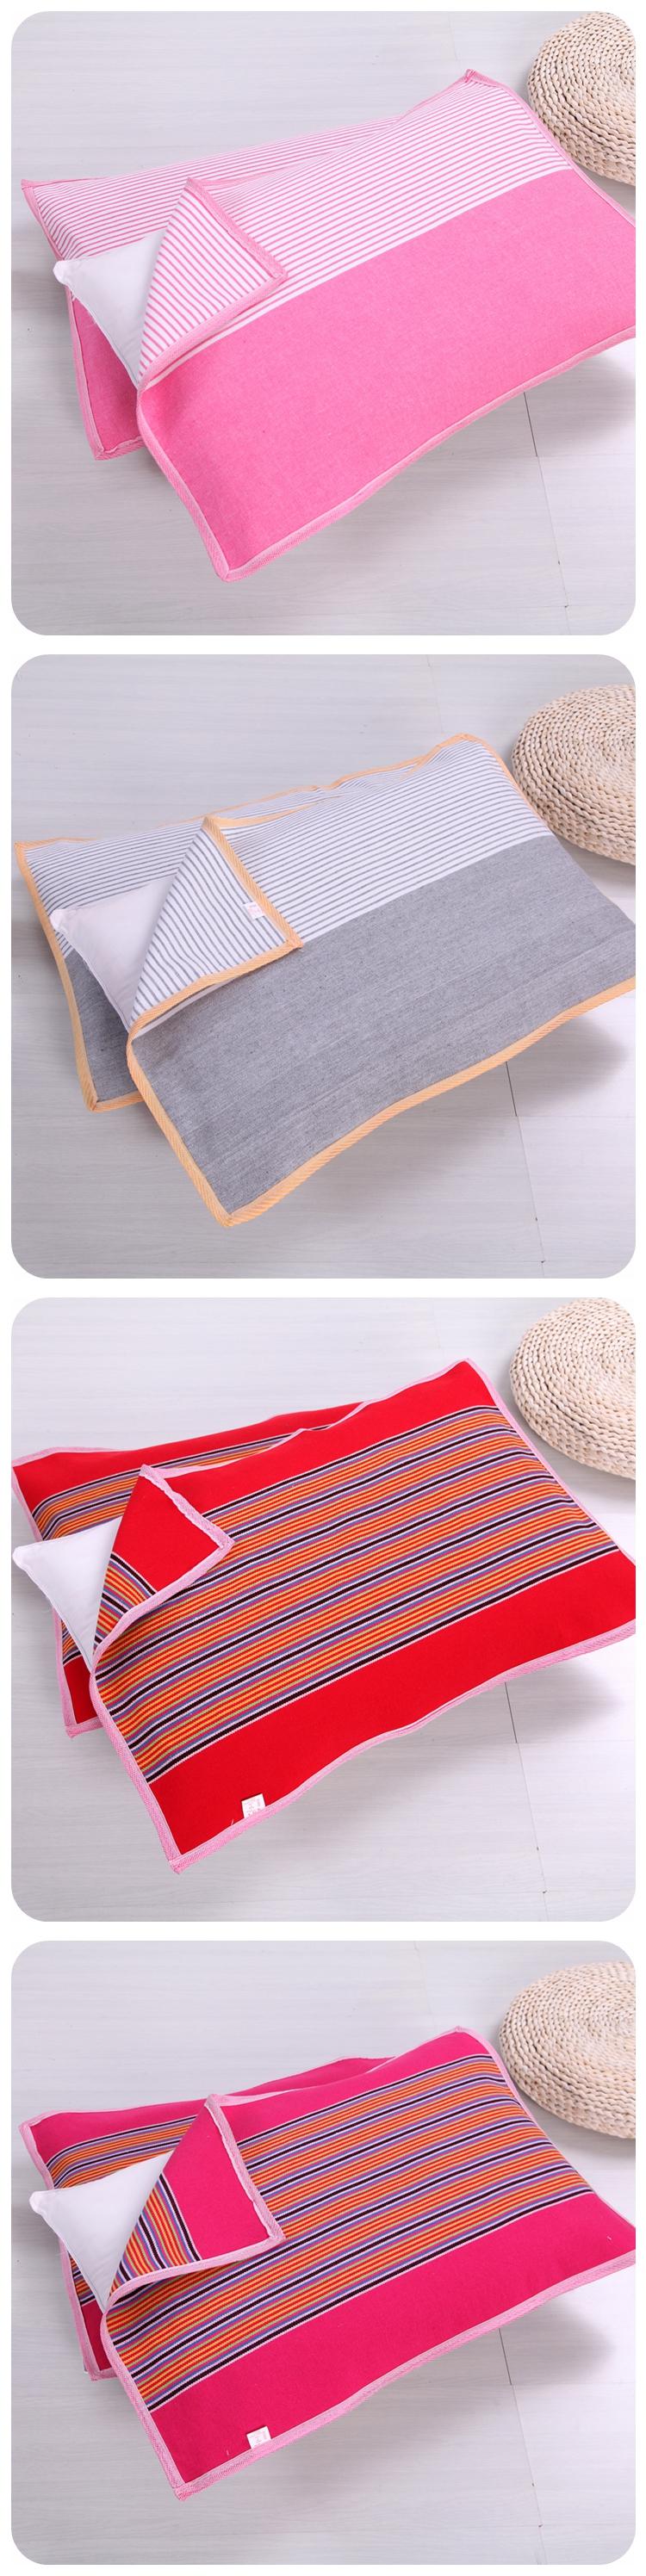 Cũ vải thô gối khăn dày mã hóa để tăng bông vải gối khăn gối khăn đặc biệt duy nhất ký túc xá sinh viên cặp